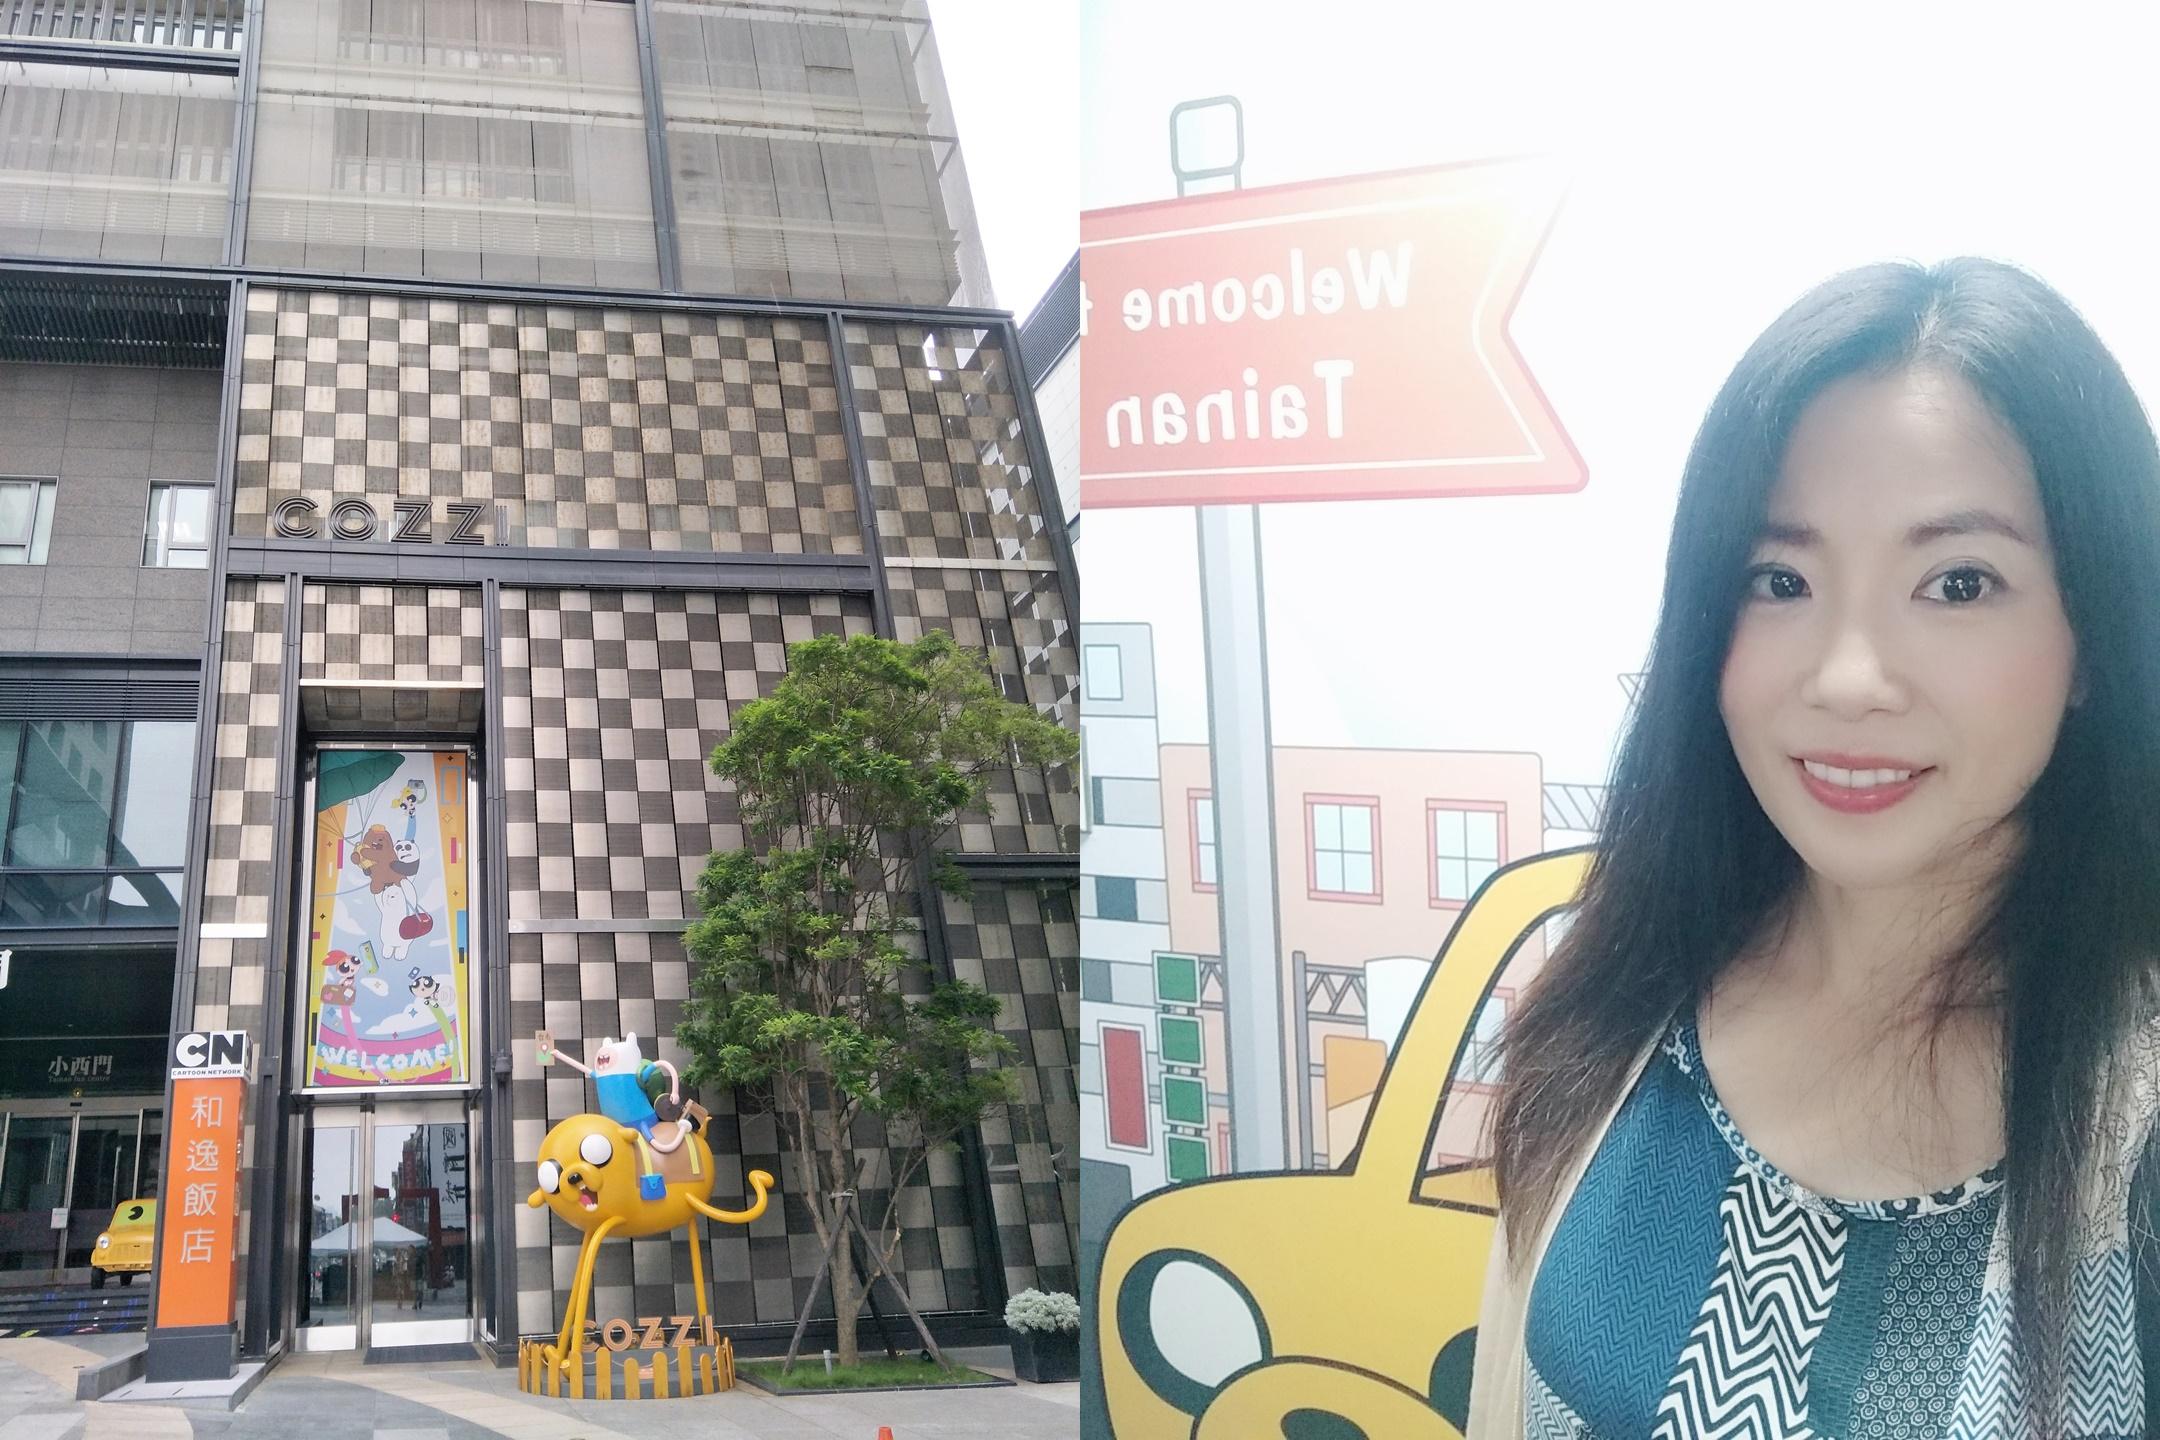 代官山幸運草地標,日本,日本旅遊,景點,東京自由行,蔦屋書店 @傑菲亞娃JEFFIA FANG